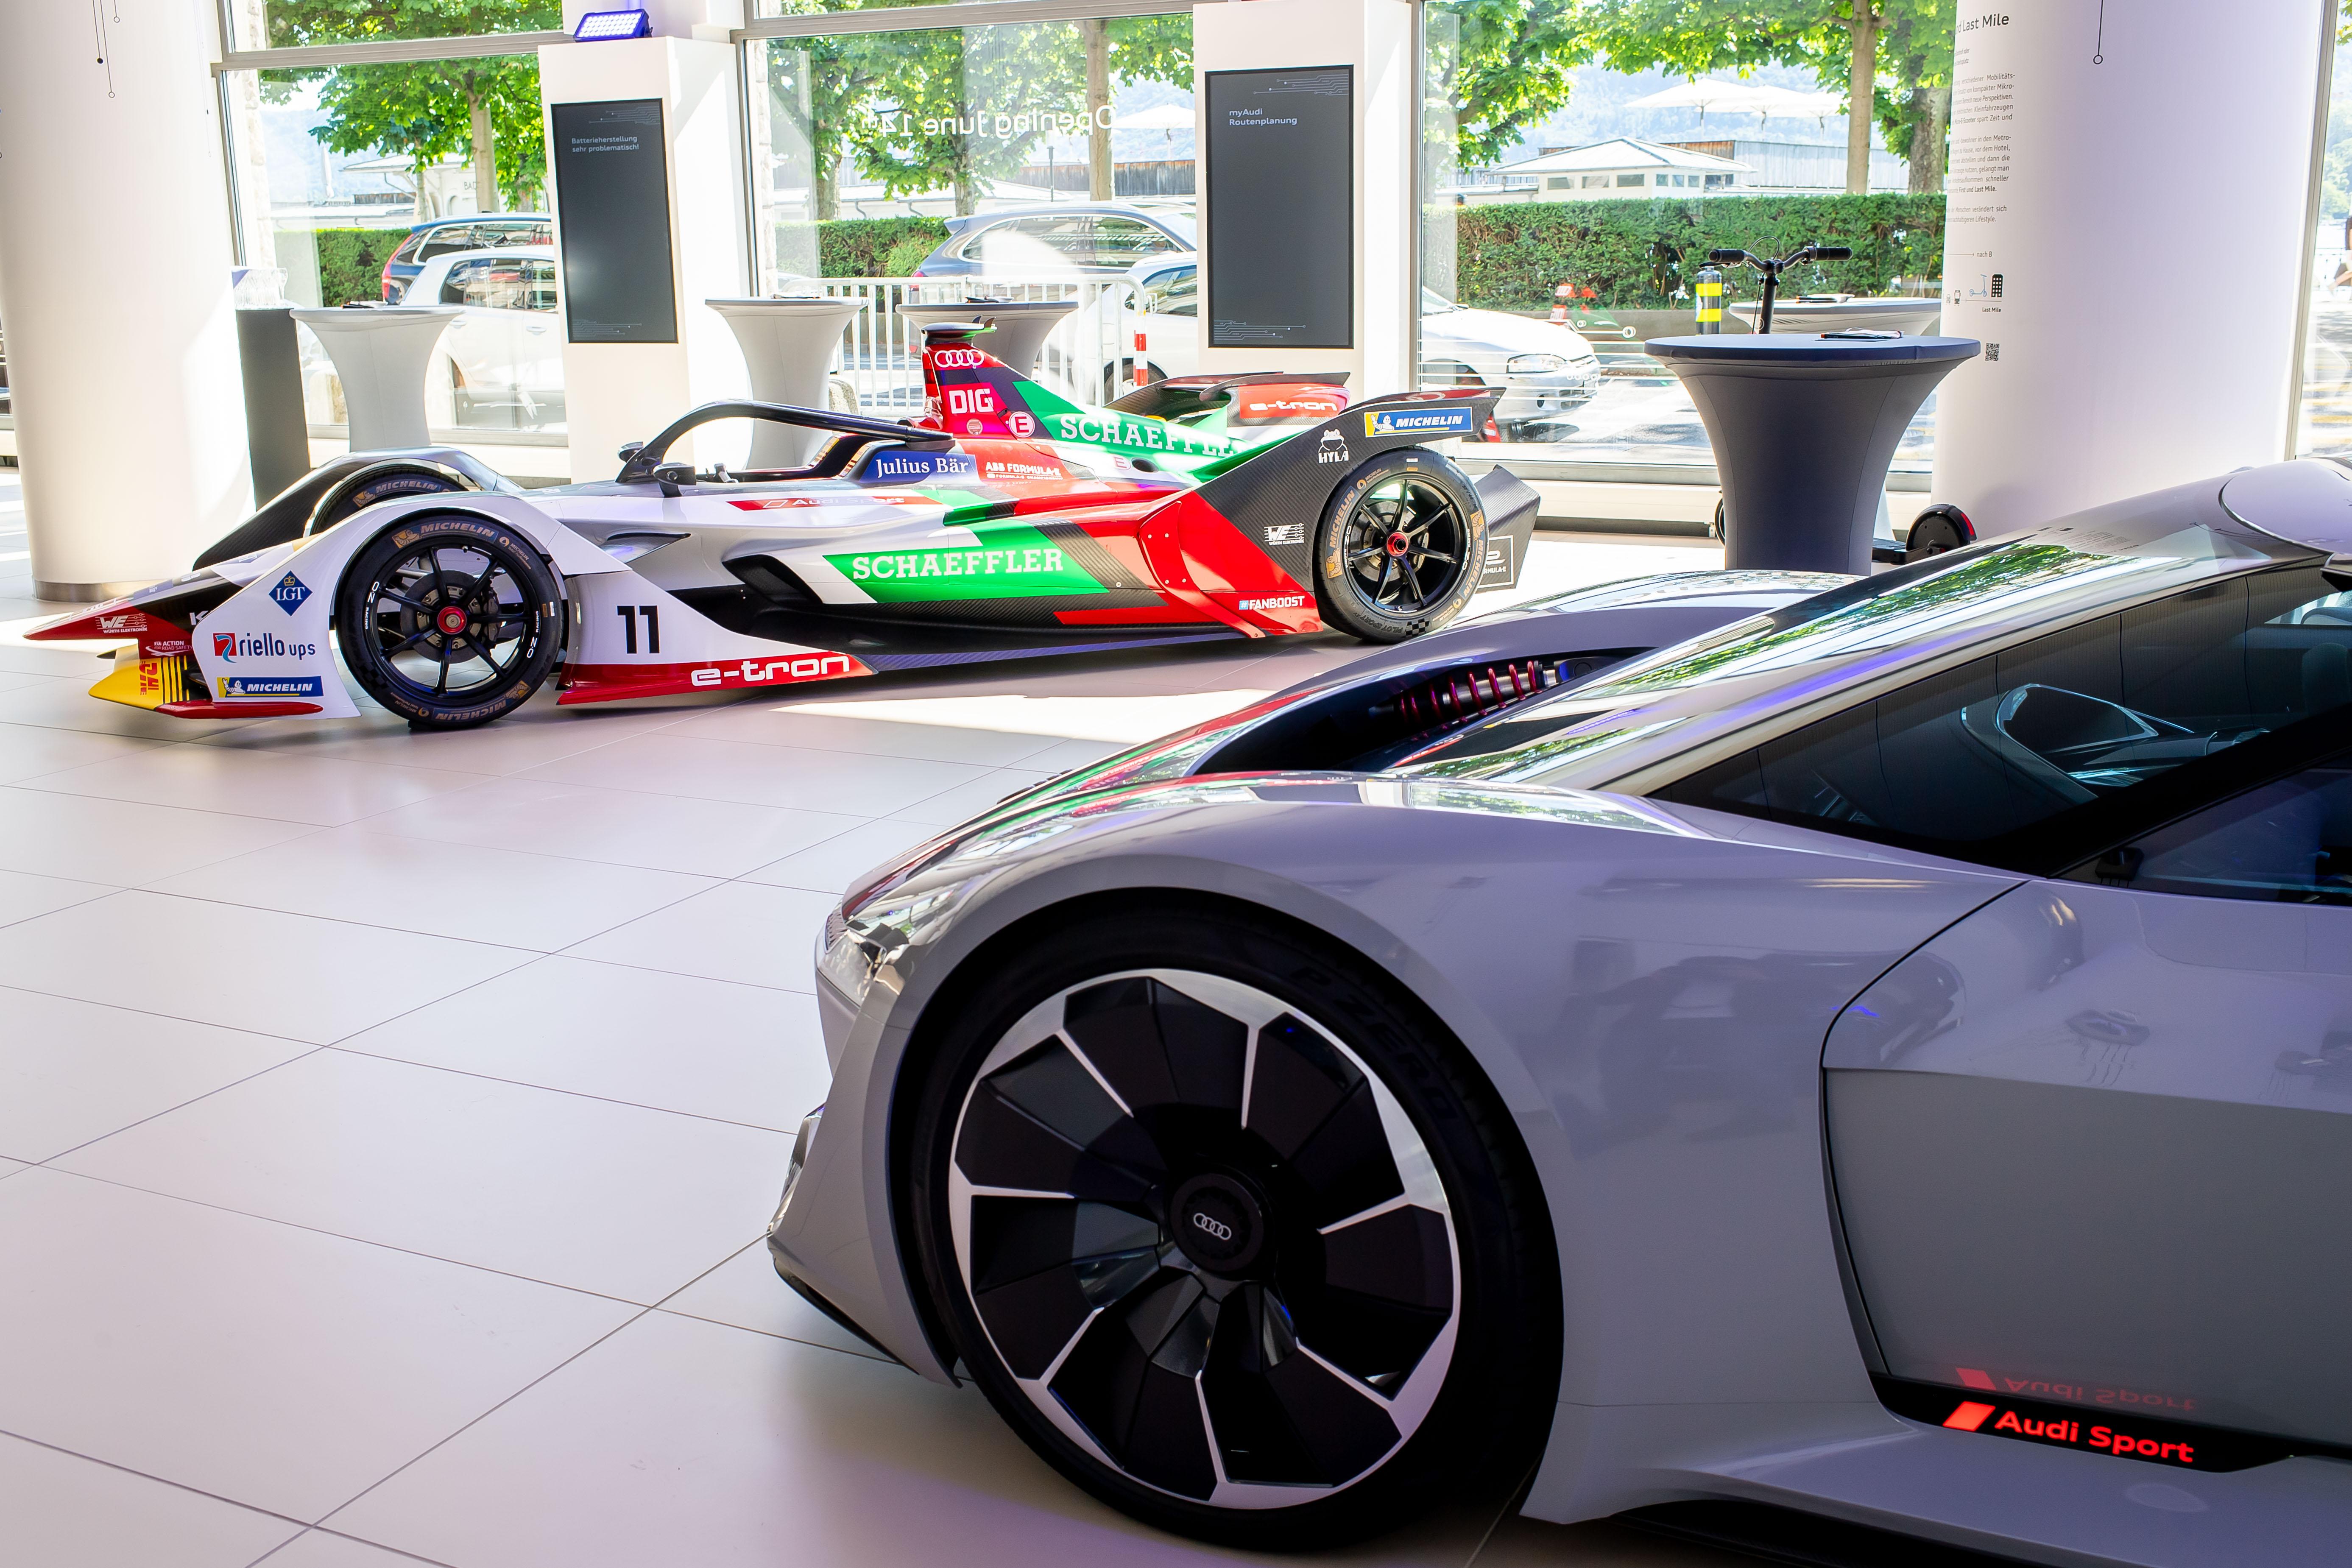 I primi gioiellini: il prototipo di design Audi PB18 e-tron (a destra) e l'auto di Formula E Audi e-tron FE05. (Tom Lüthi)